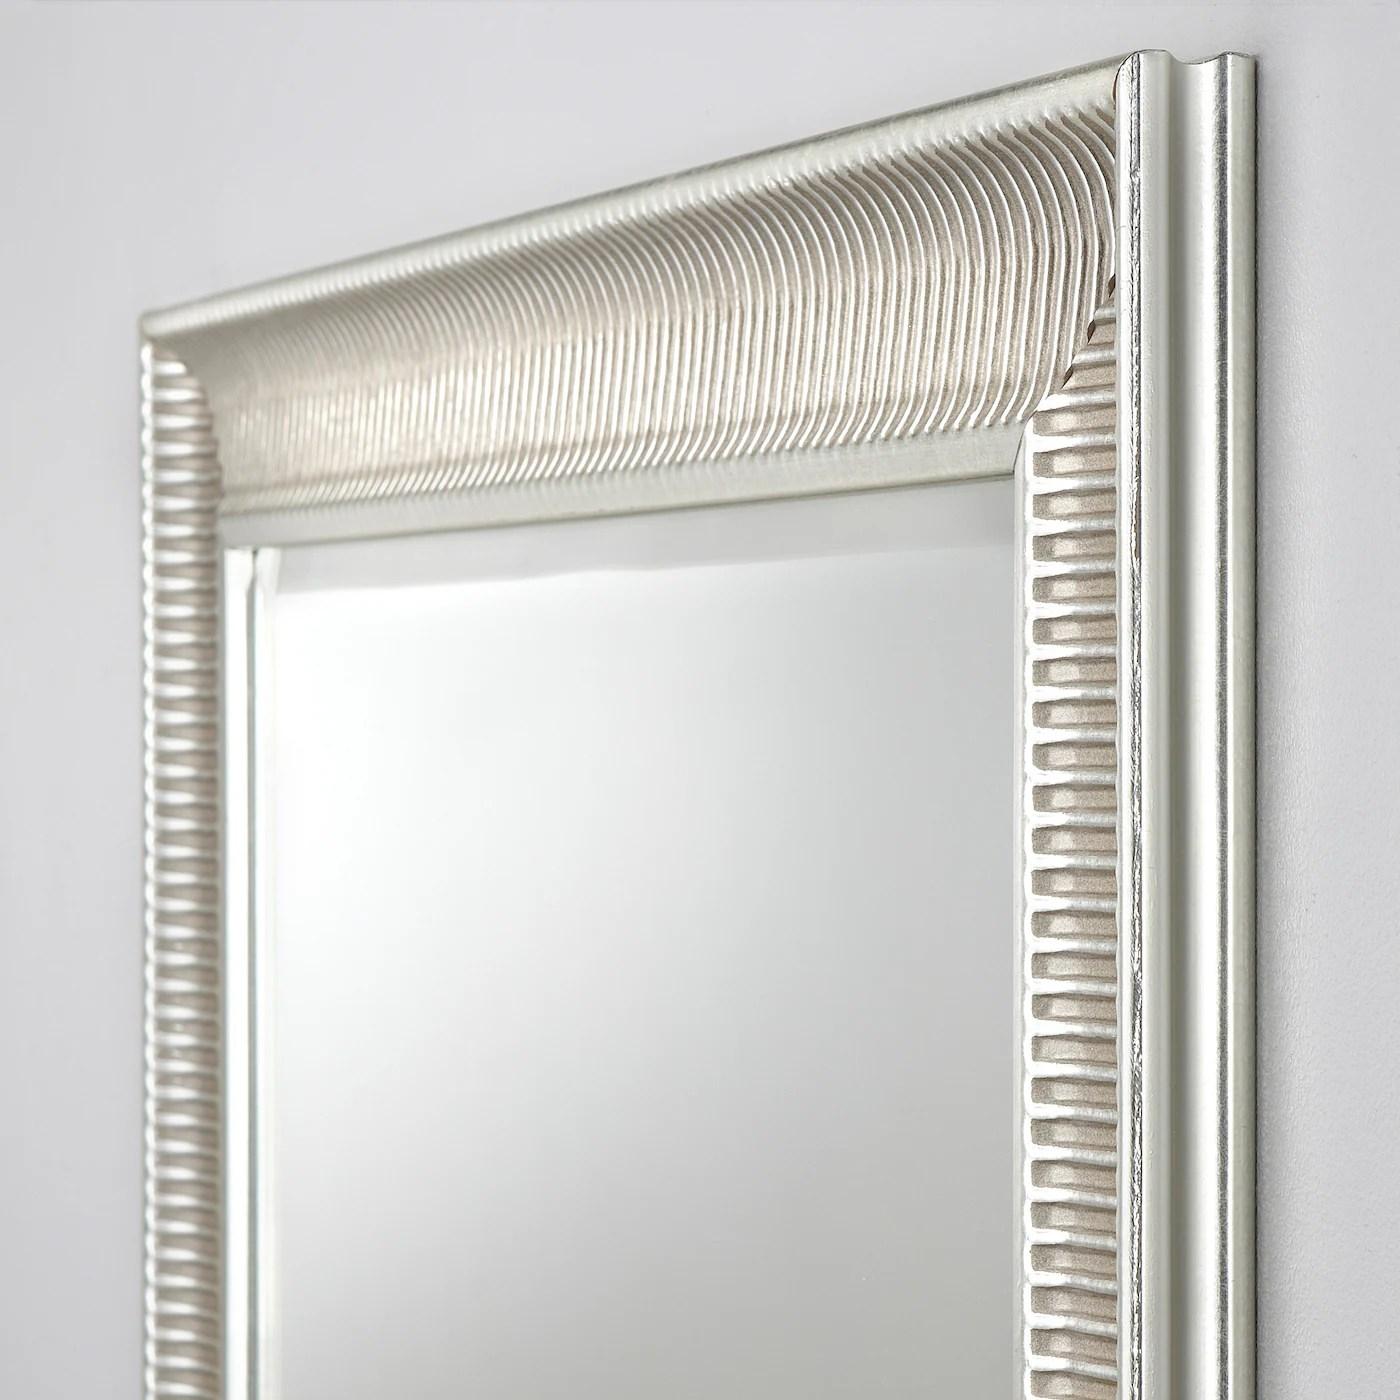 Songe Miroir Couleur Argent 91x130 Cm Ikea